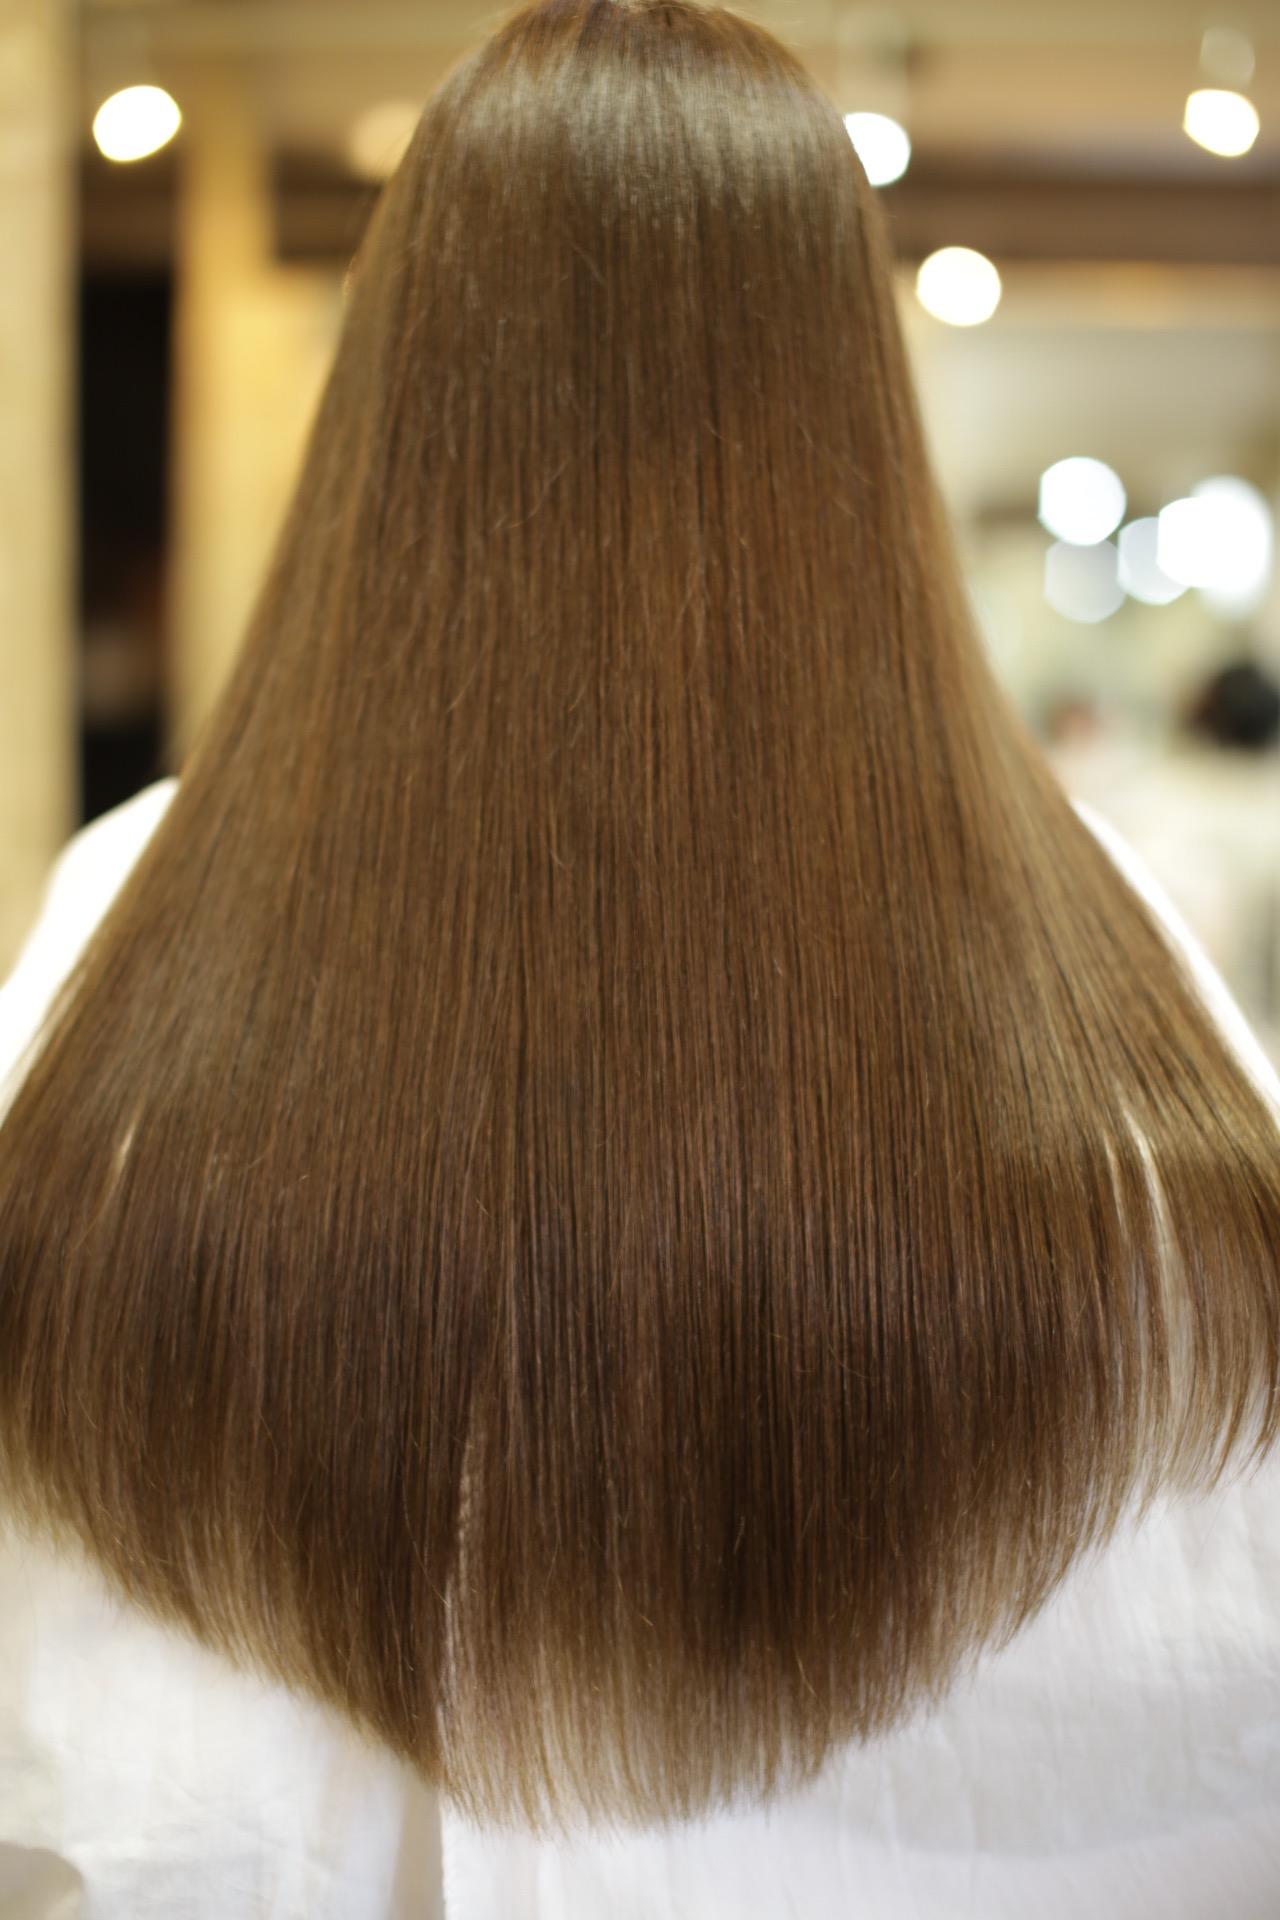 新宿のヘアカラーが上手いな美容室savianのヘアカラー・ミントアッシュベージュ